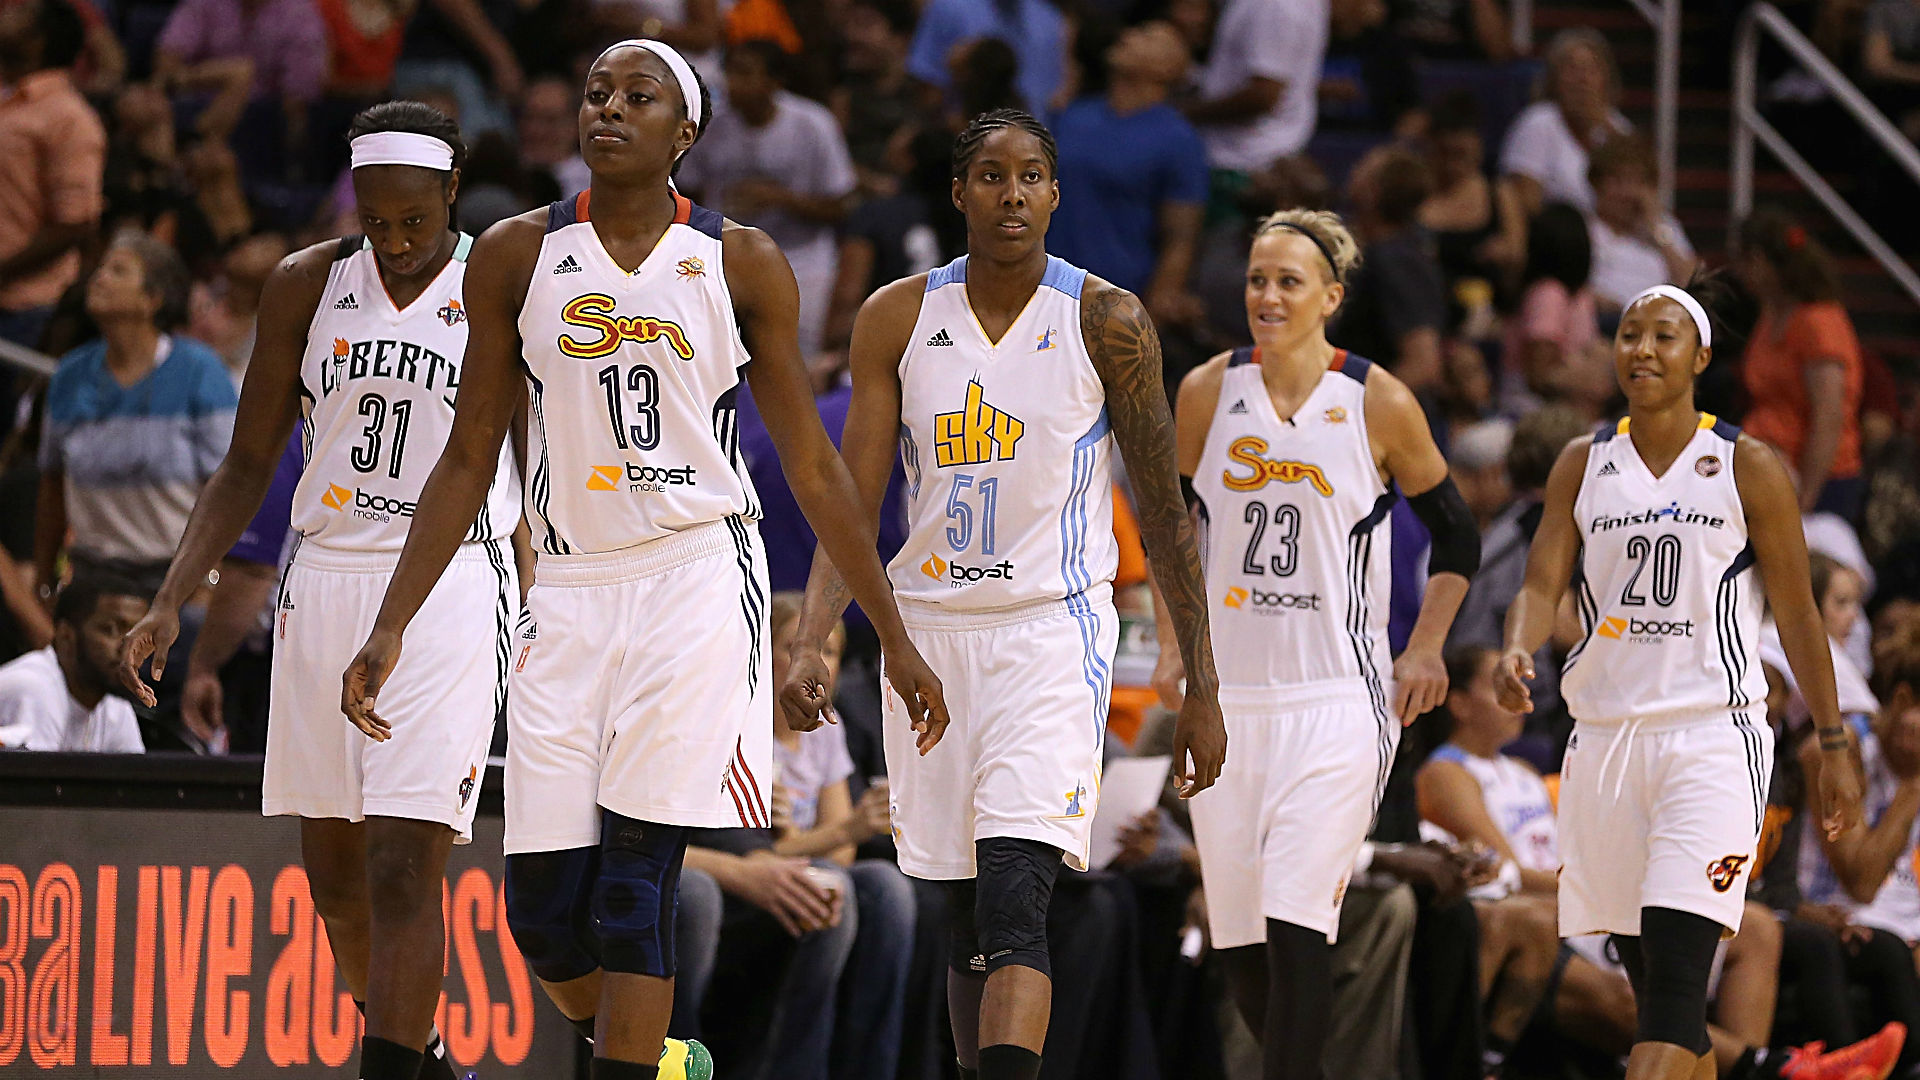 015de9987549b5 WNBA All-Star Game 2015  Time